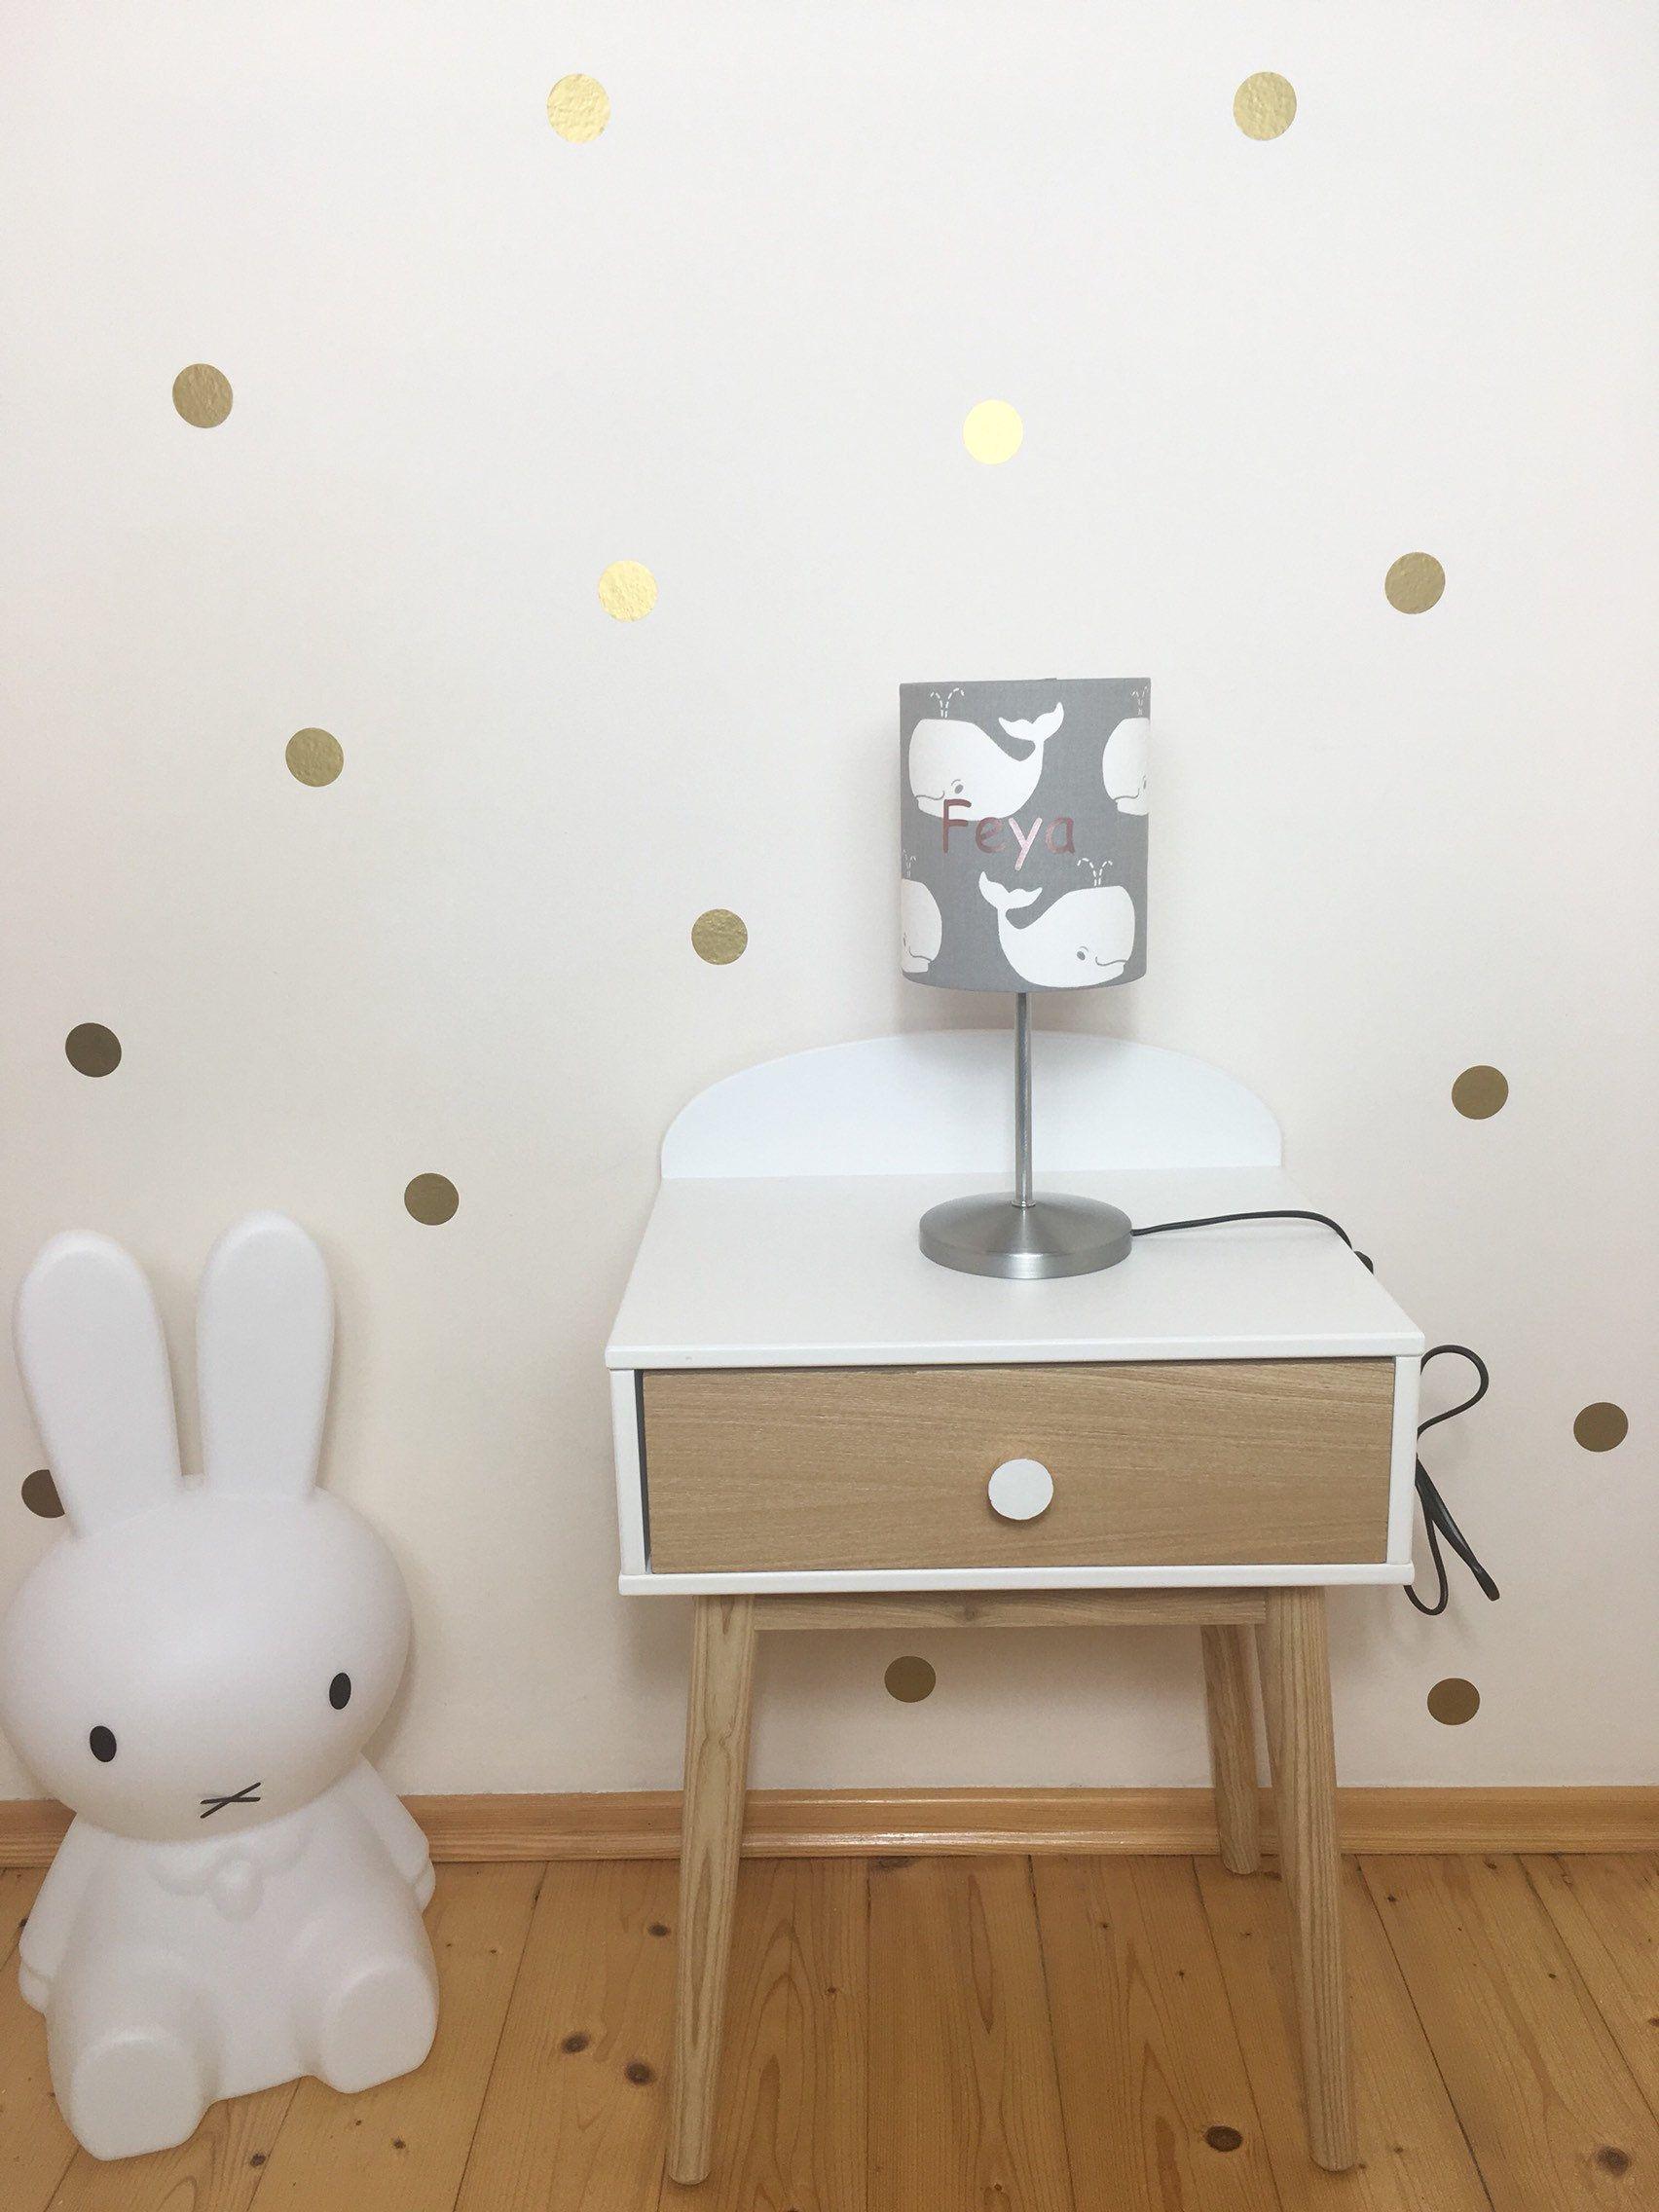 Tischlampe Kinder, Geschenke zur Geburt, Nachttischlampe